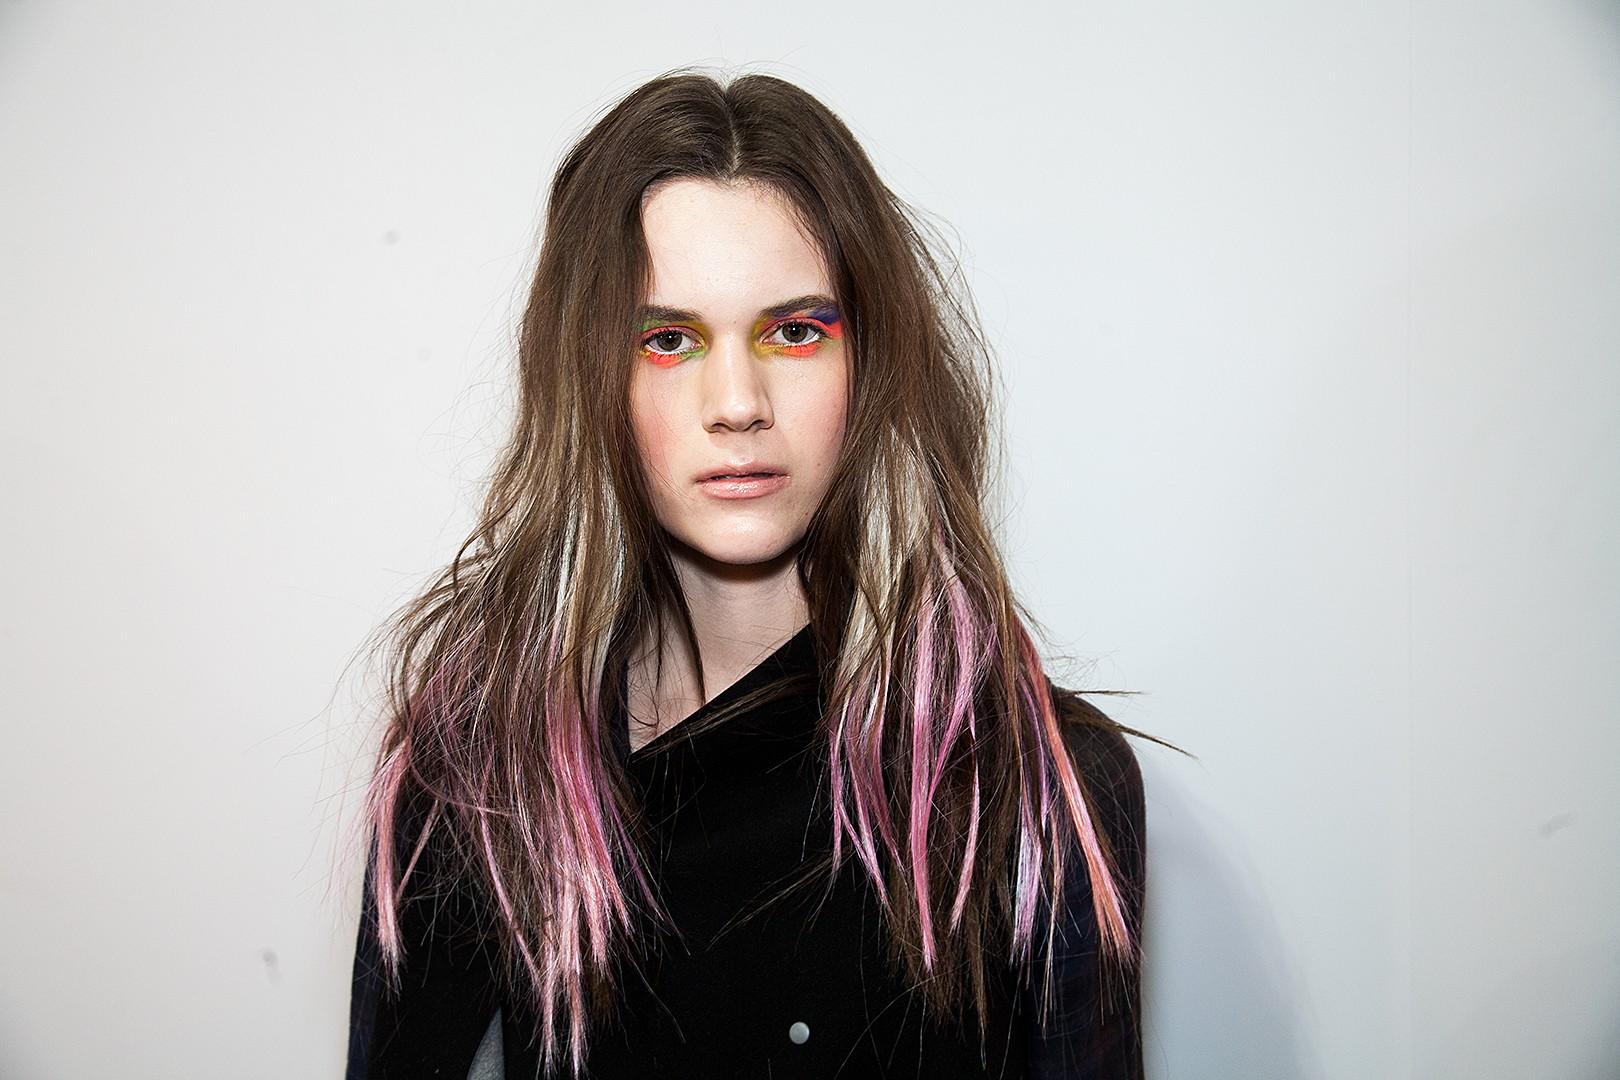 Passo a passo do cabelo colorido express (Foto: Editora Globo)